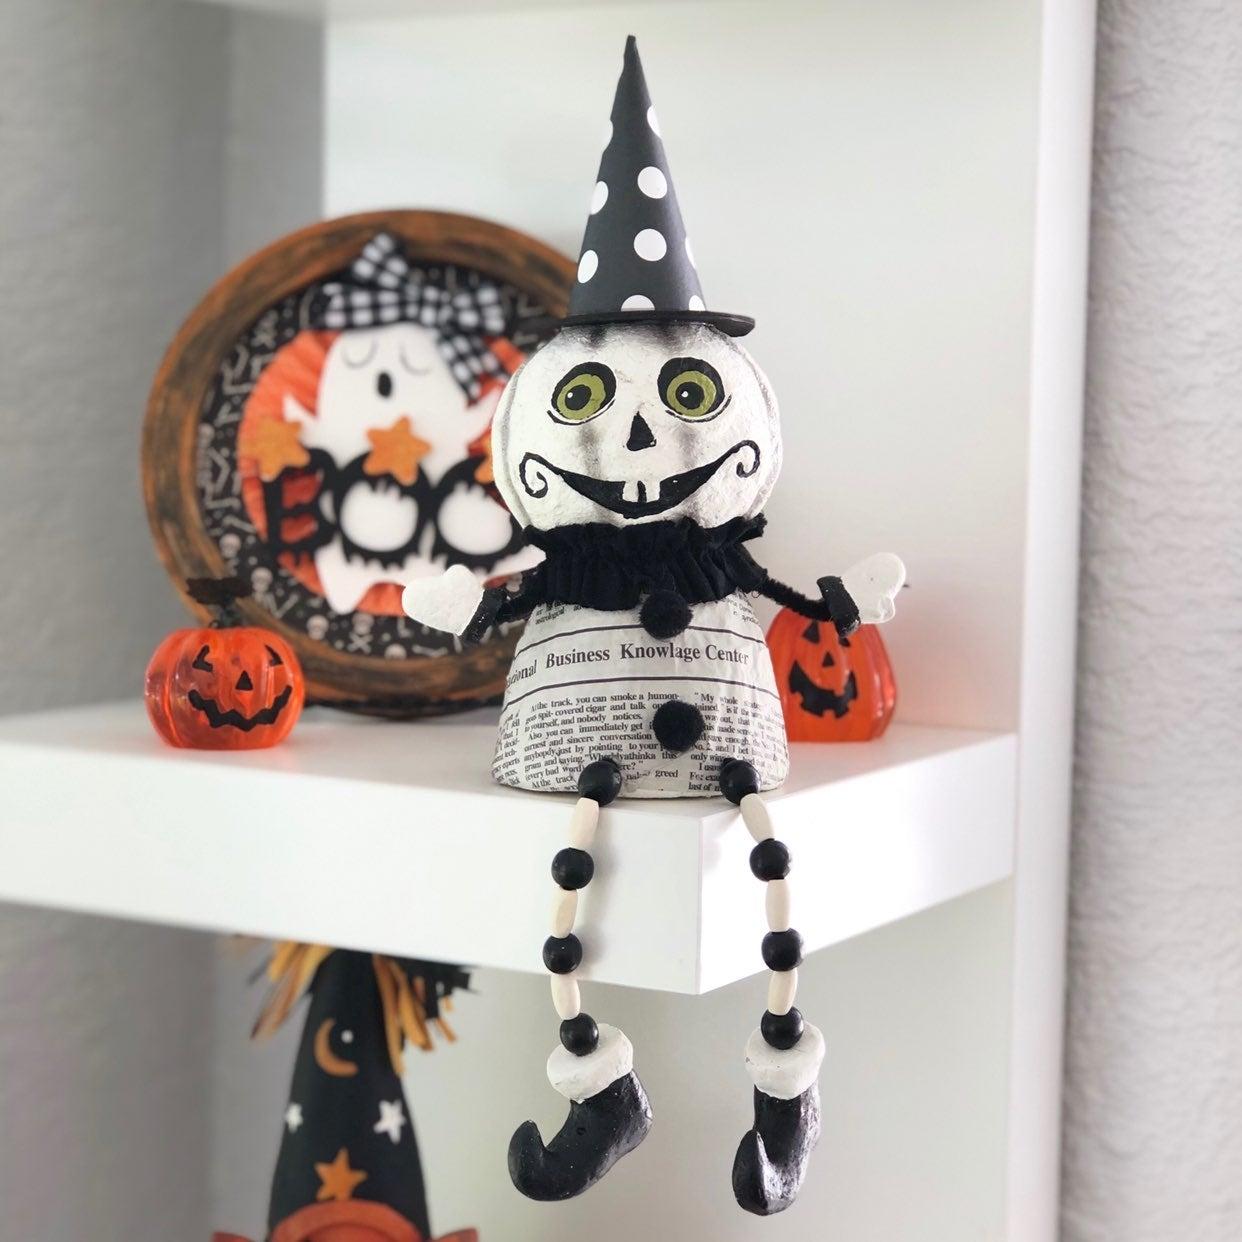 Vintage Halloween White Pumpkin Figurine